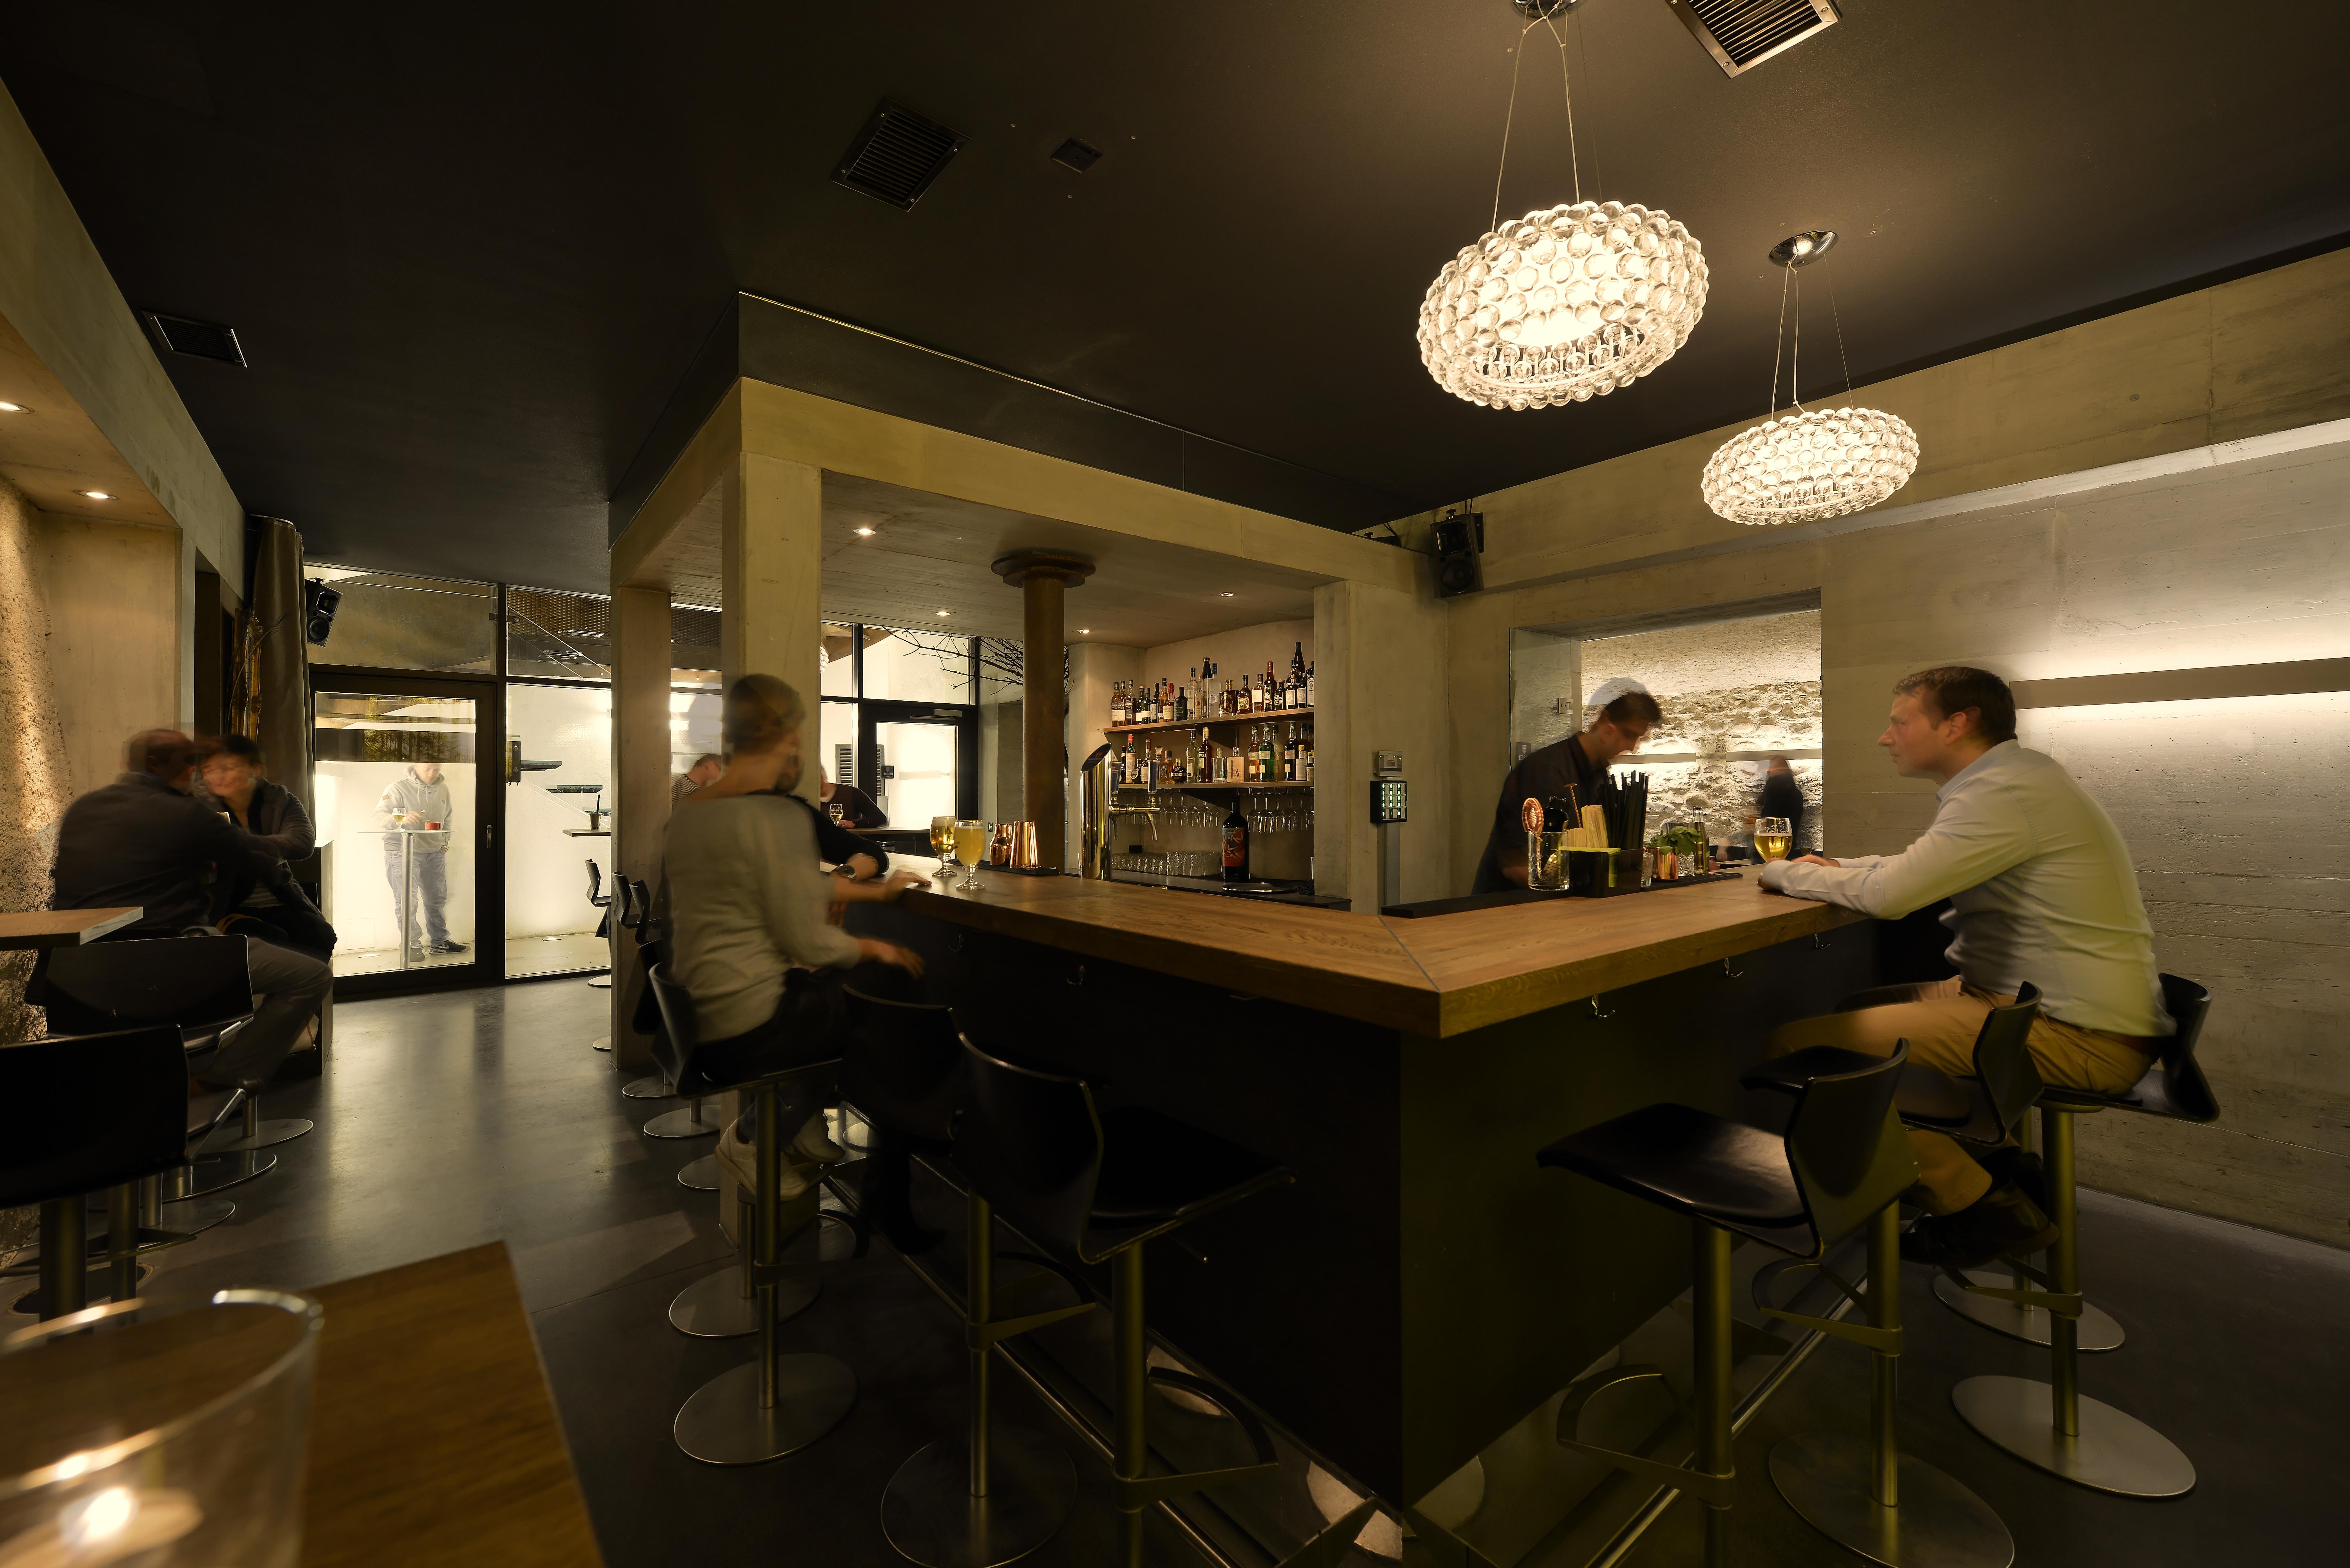 Berühmt Barraum Bar Fotos - Images for inspirierende Ideen für ...